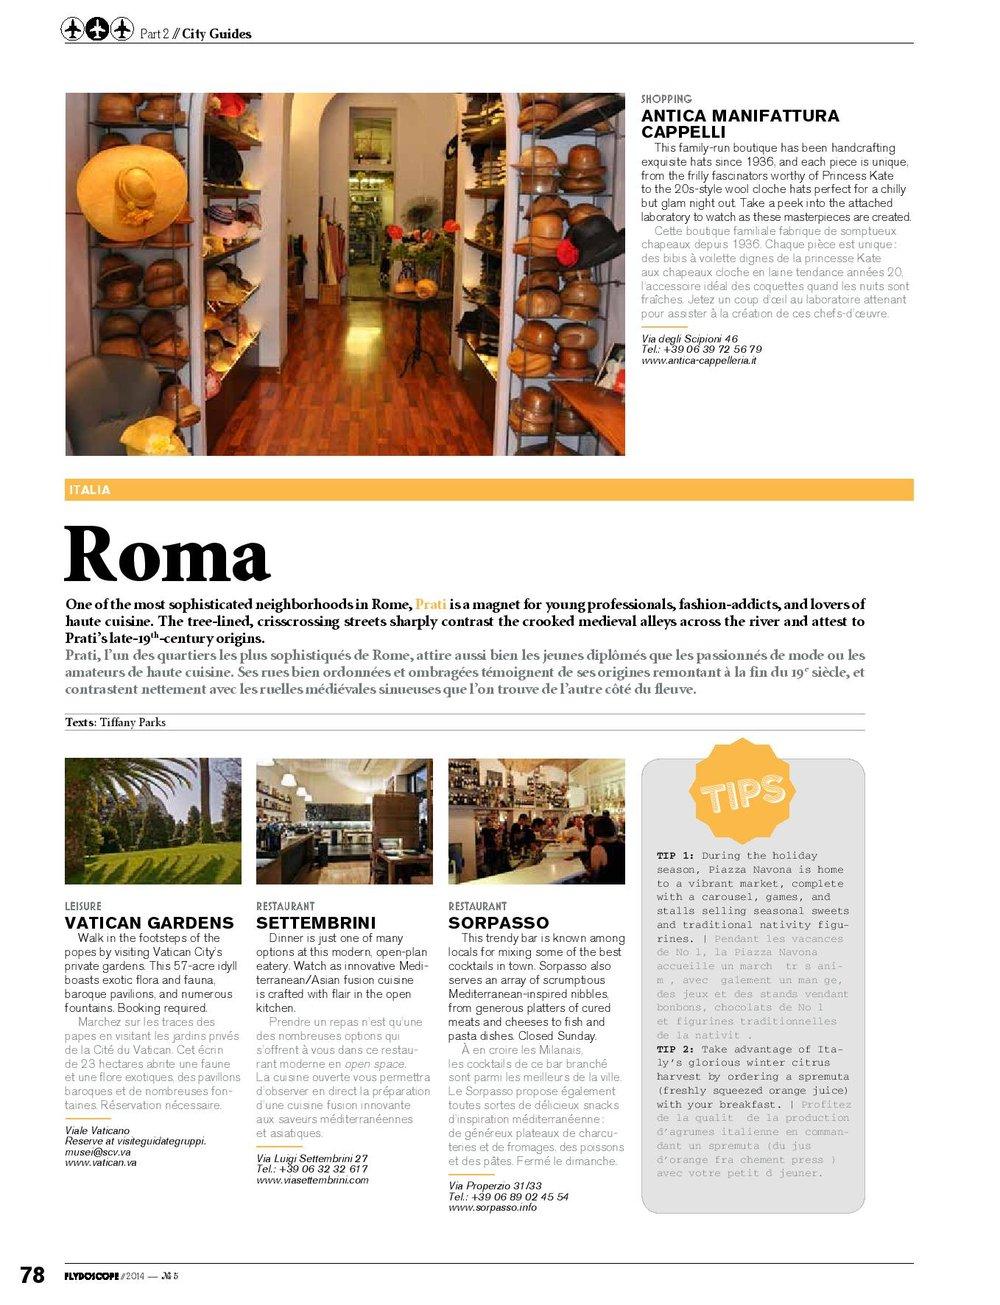 Roma-Prati-Flydo-2014-no5.jpg